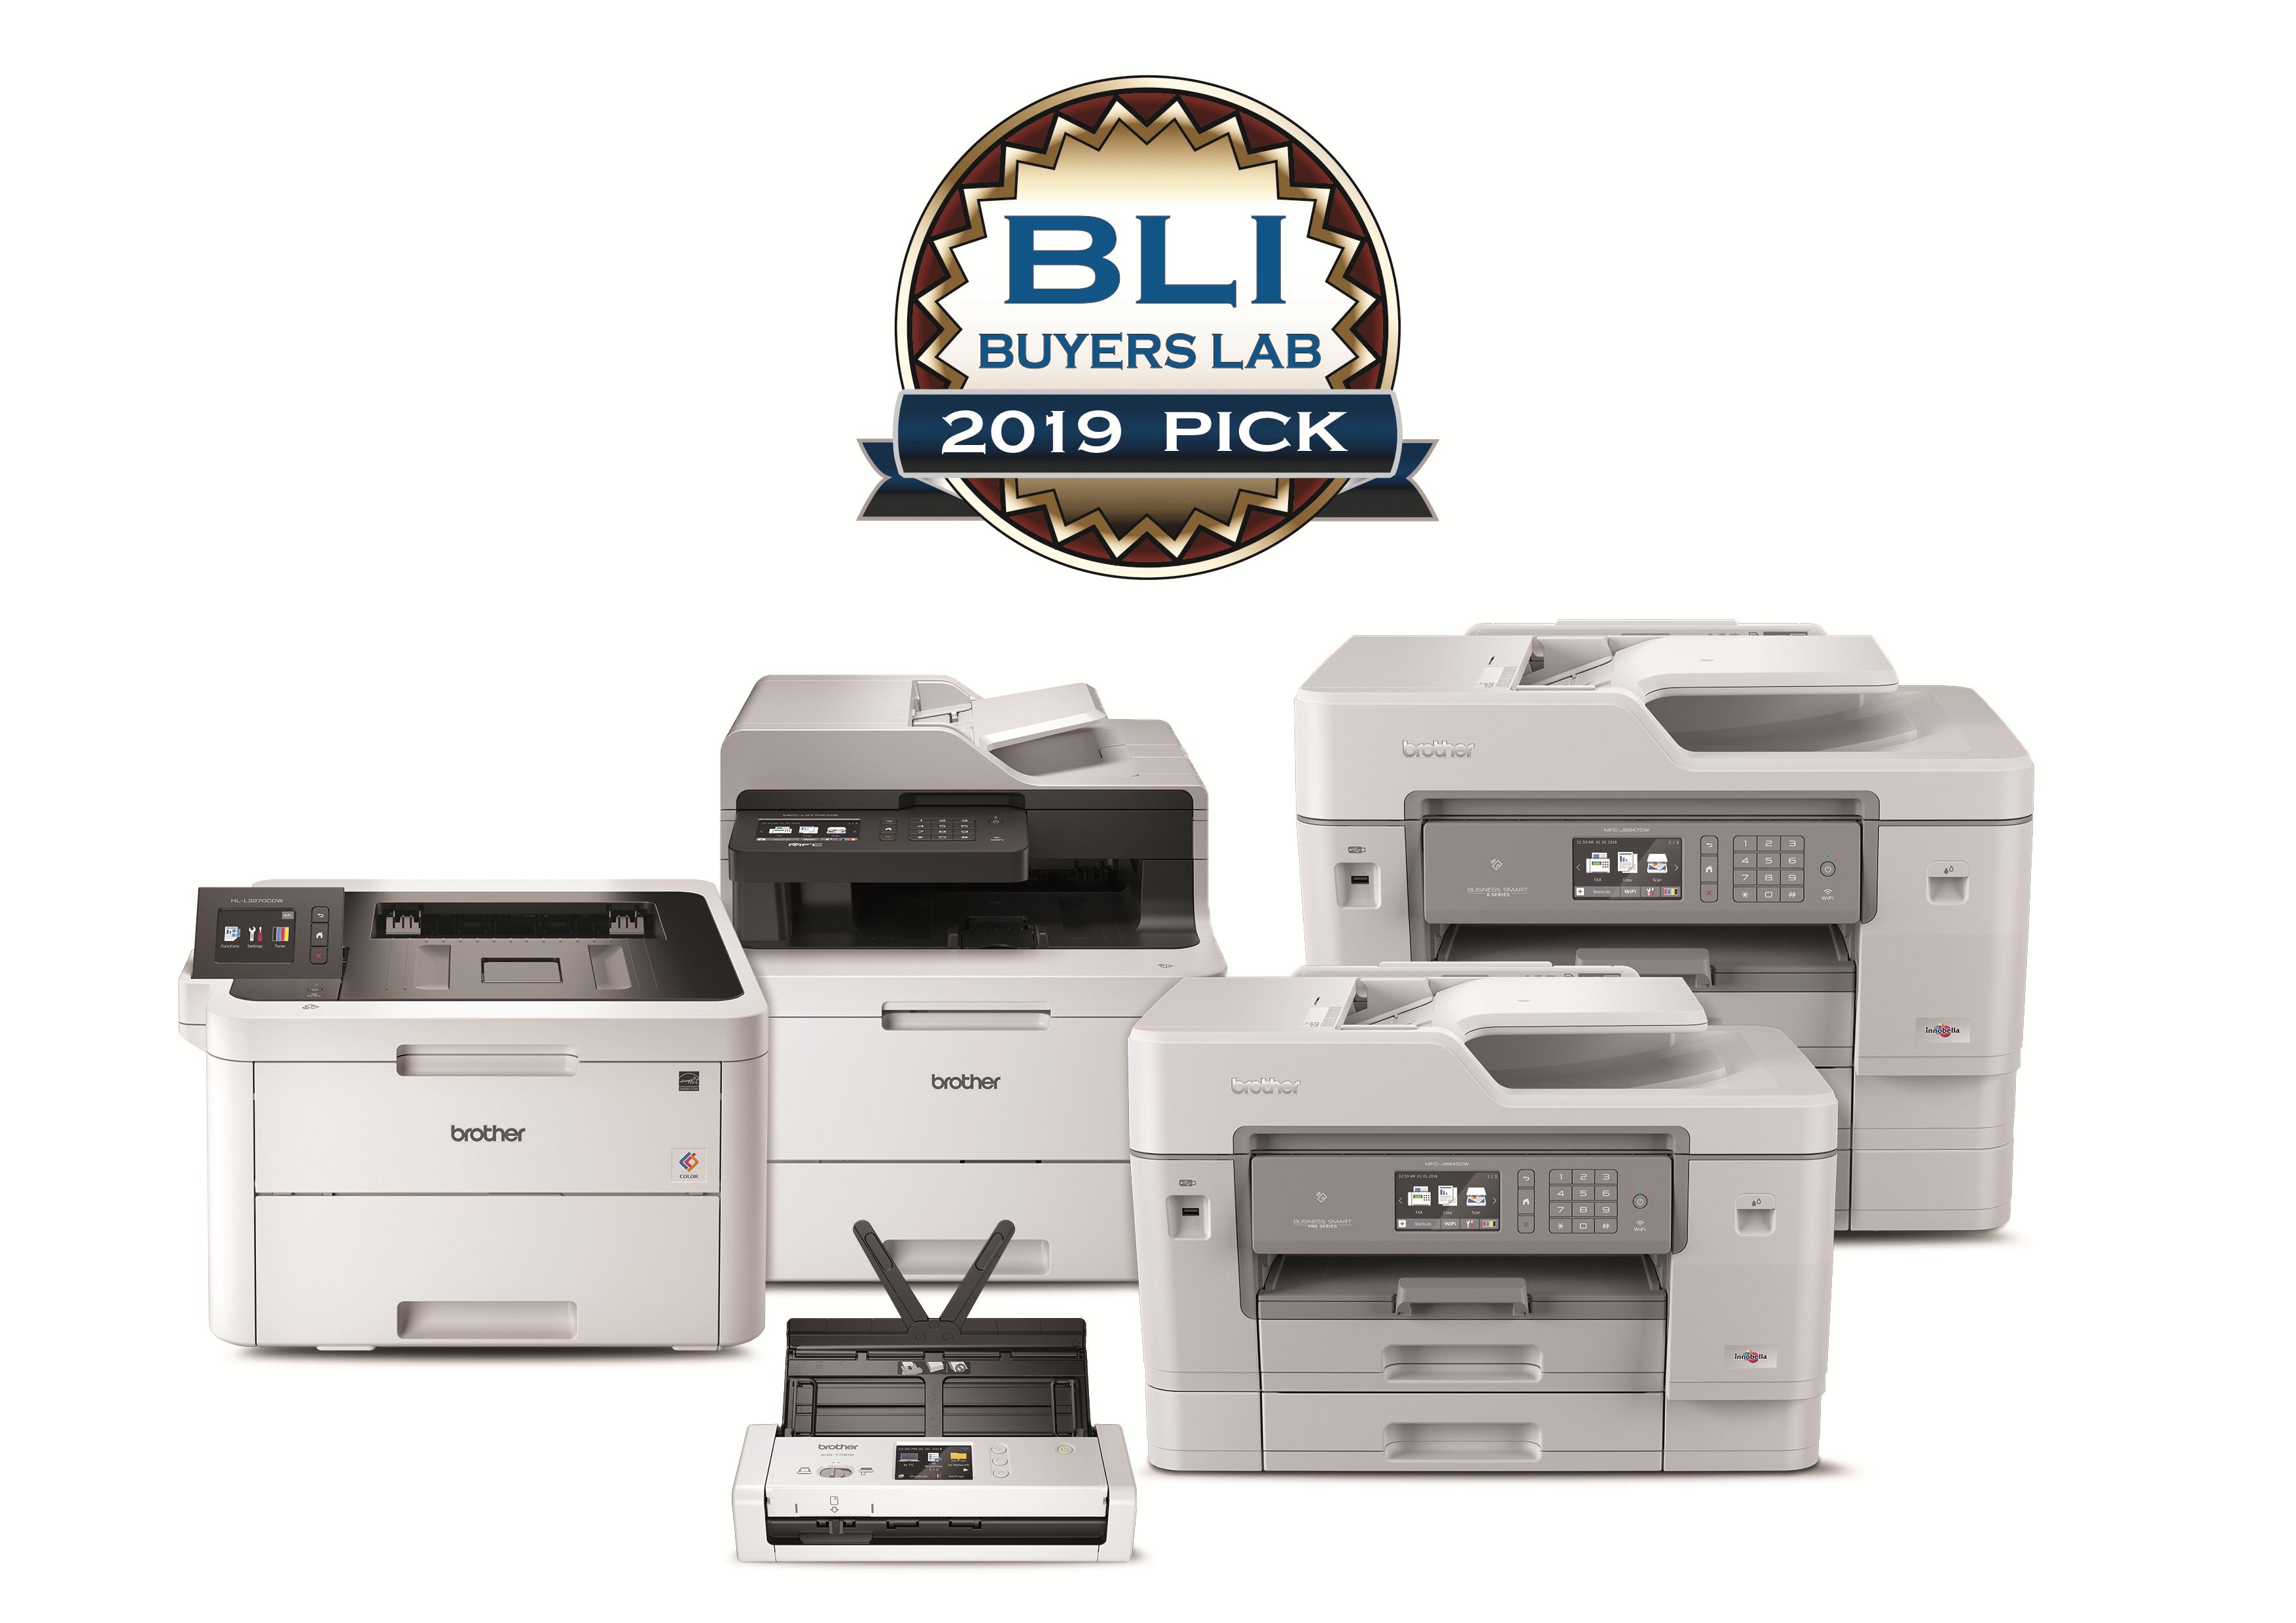 Wyróżnienie BLI Buyers Lab 2019 Pick dla urządzeń Brother